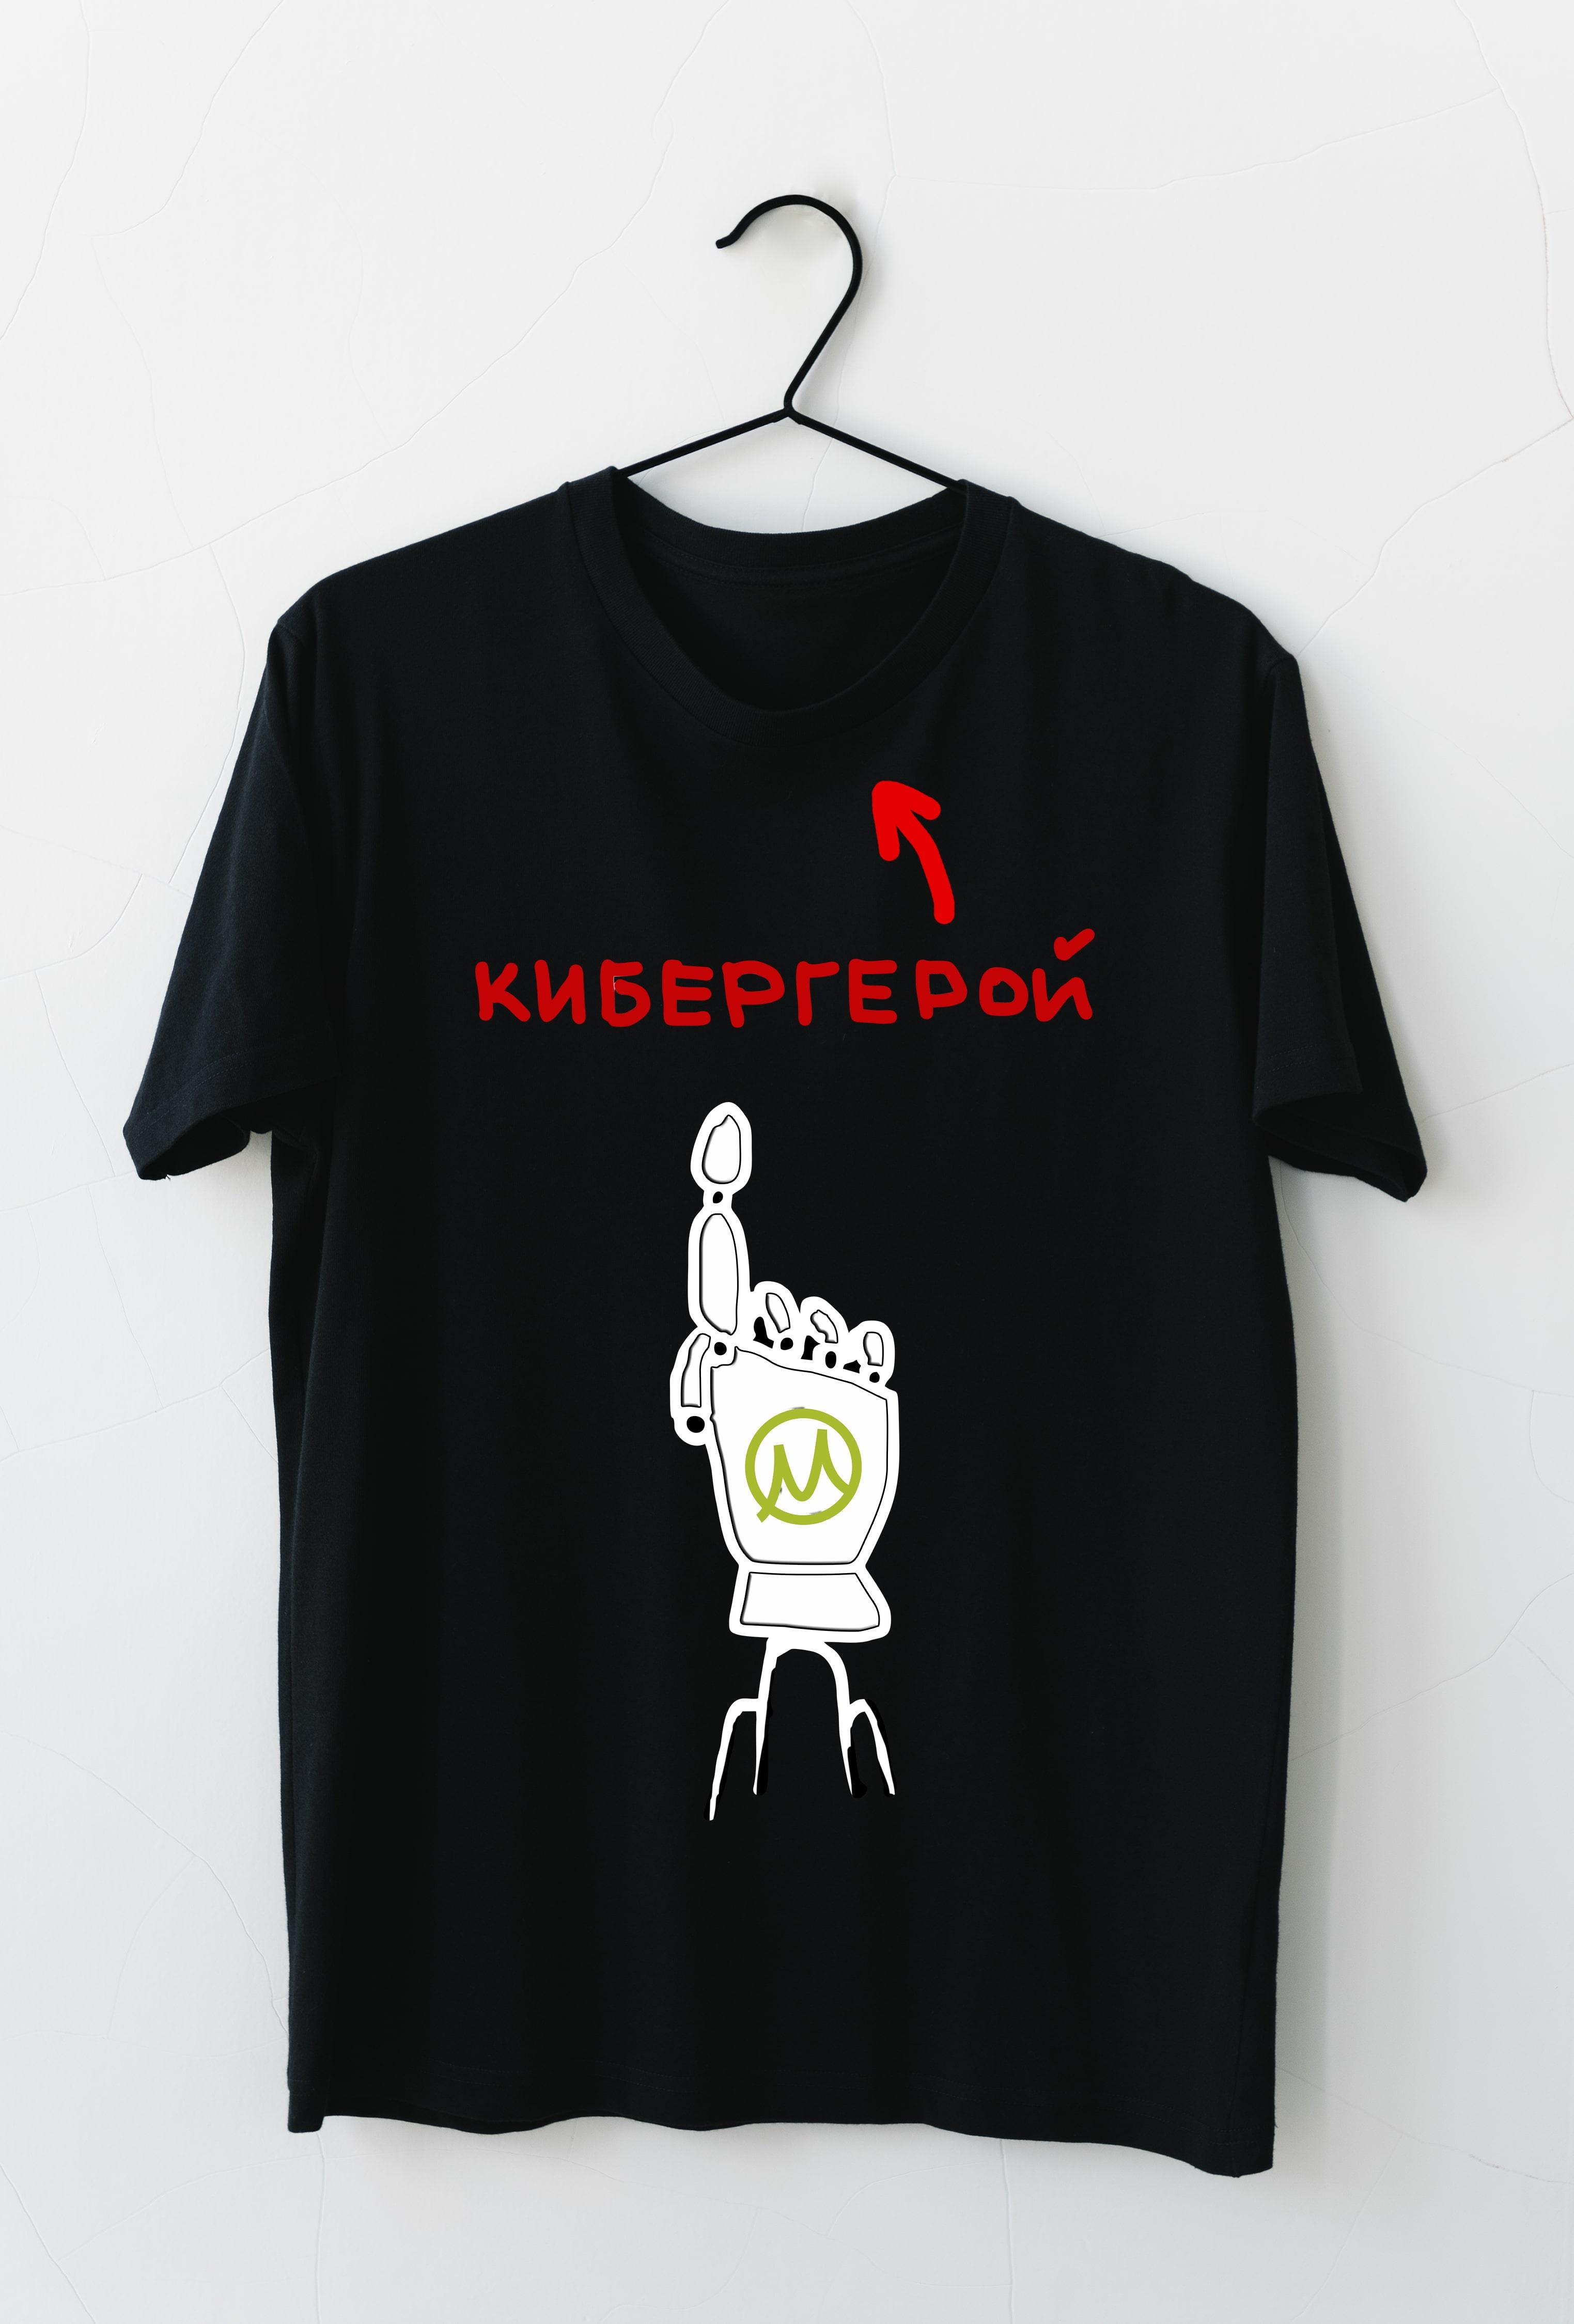 Нарисовать принты на футболки для компании Моторика фото f_58760a64127285a2.jpg